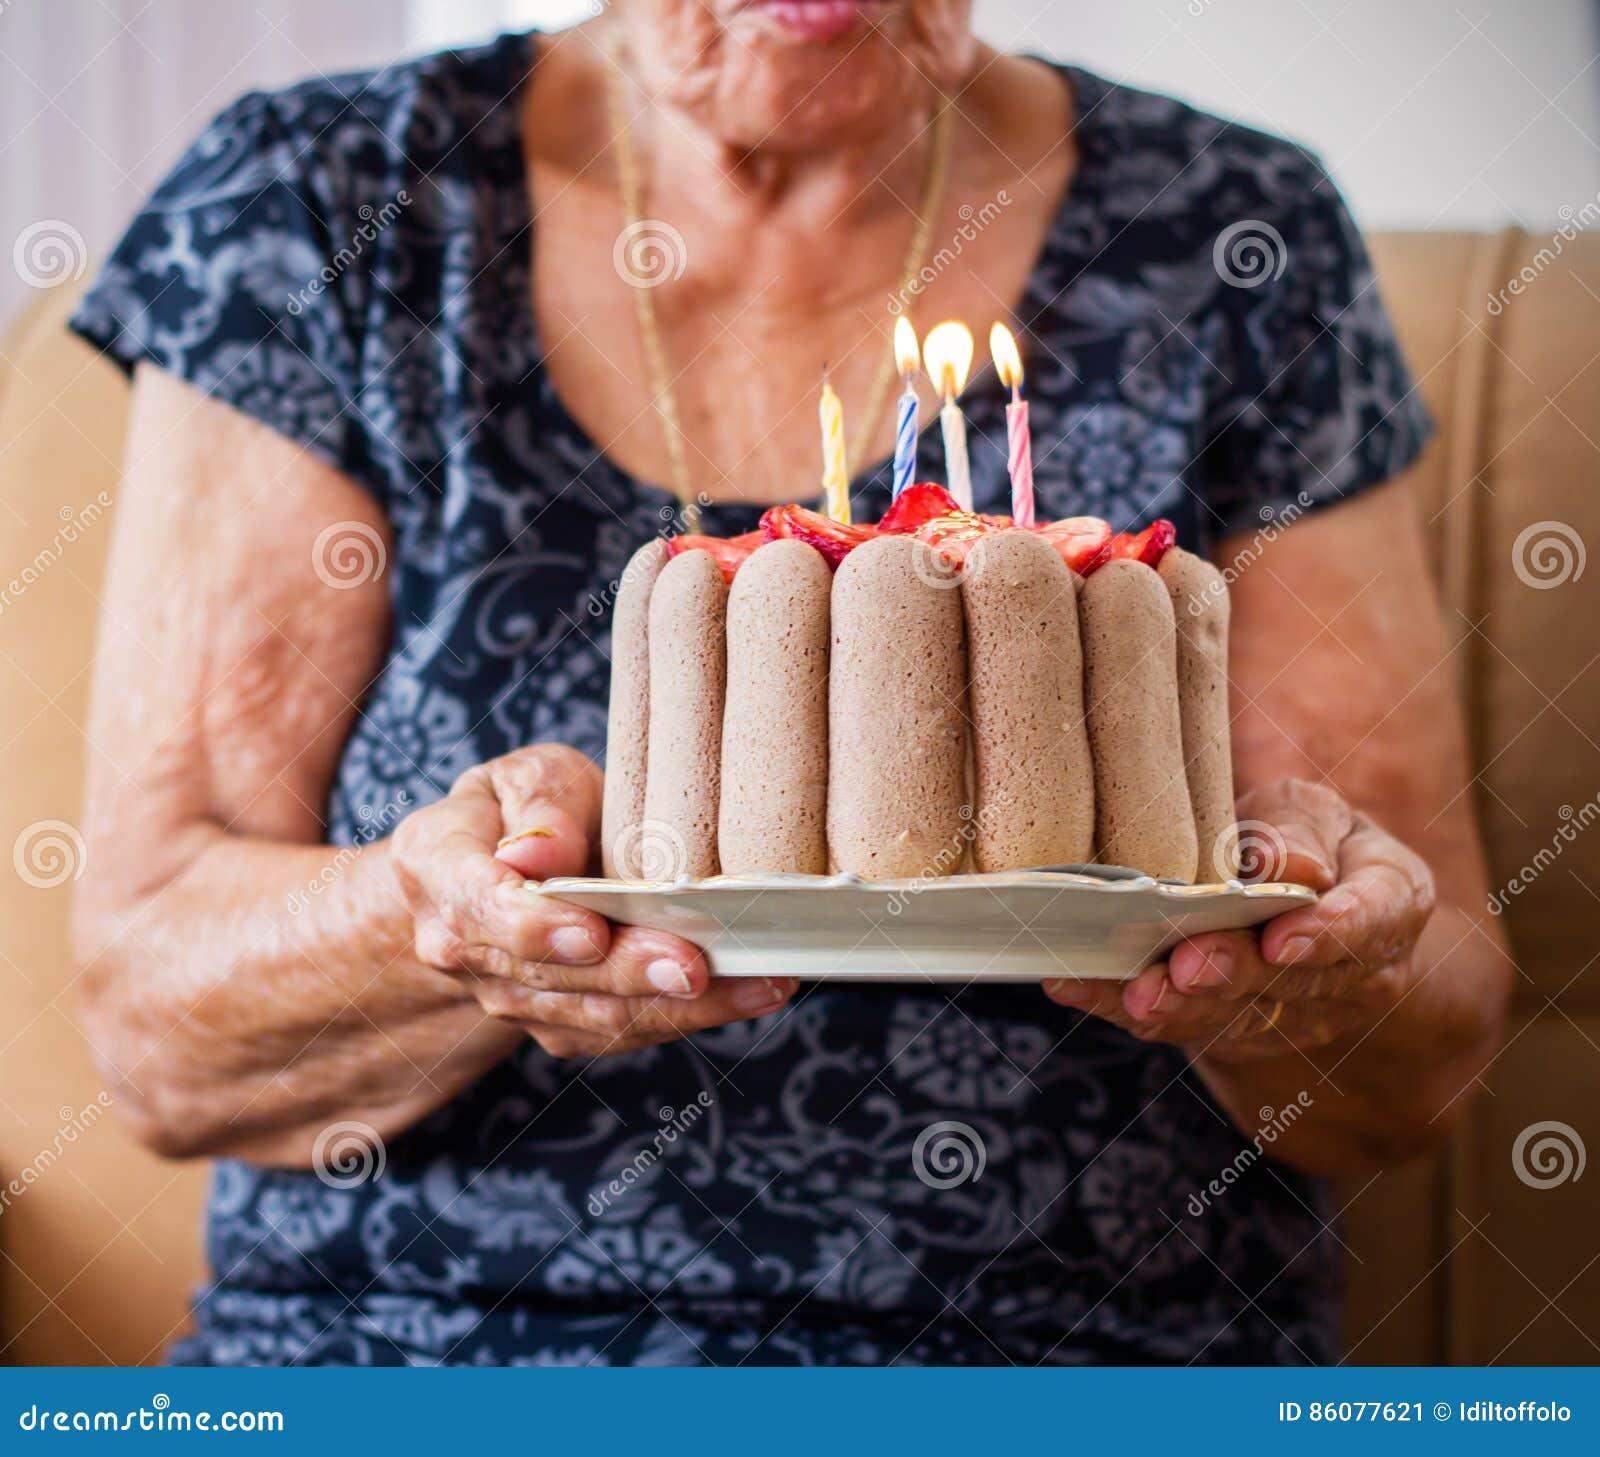 Alte Frau Feiert Ihren Geburtstag Stockbild Bild Von Versicherung